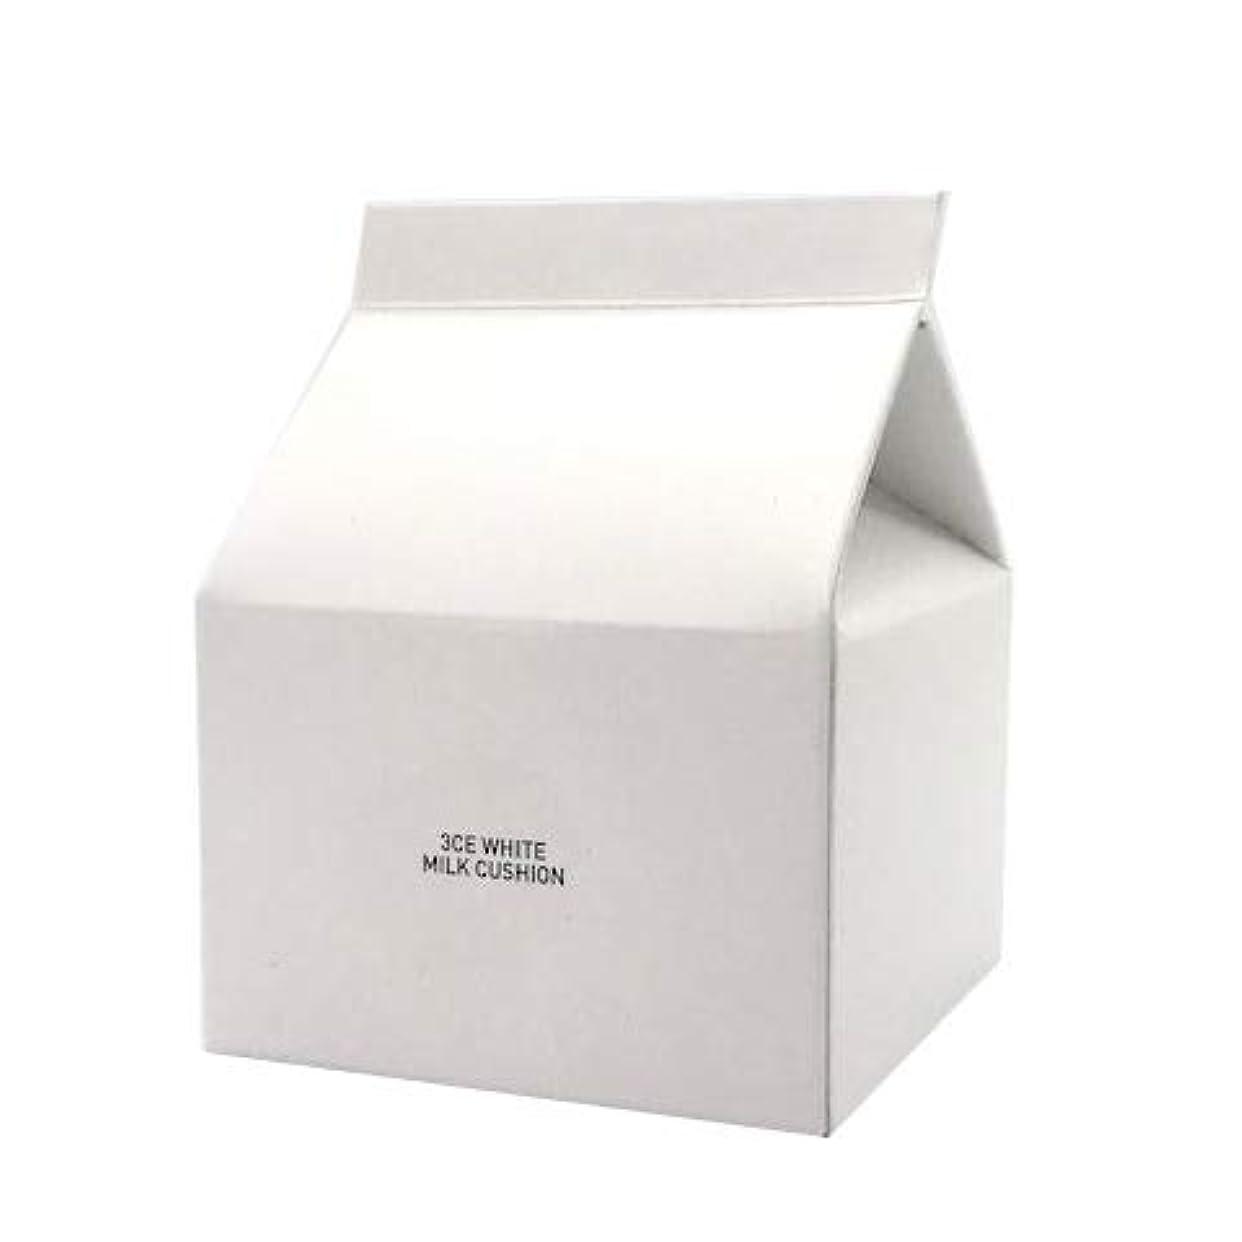 ピーブ魅力れんがスタイルナンダ 3CE ホワイトミルククッション SPF50+ PA+++ 15g [並行輸入品]